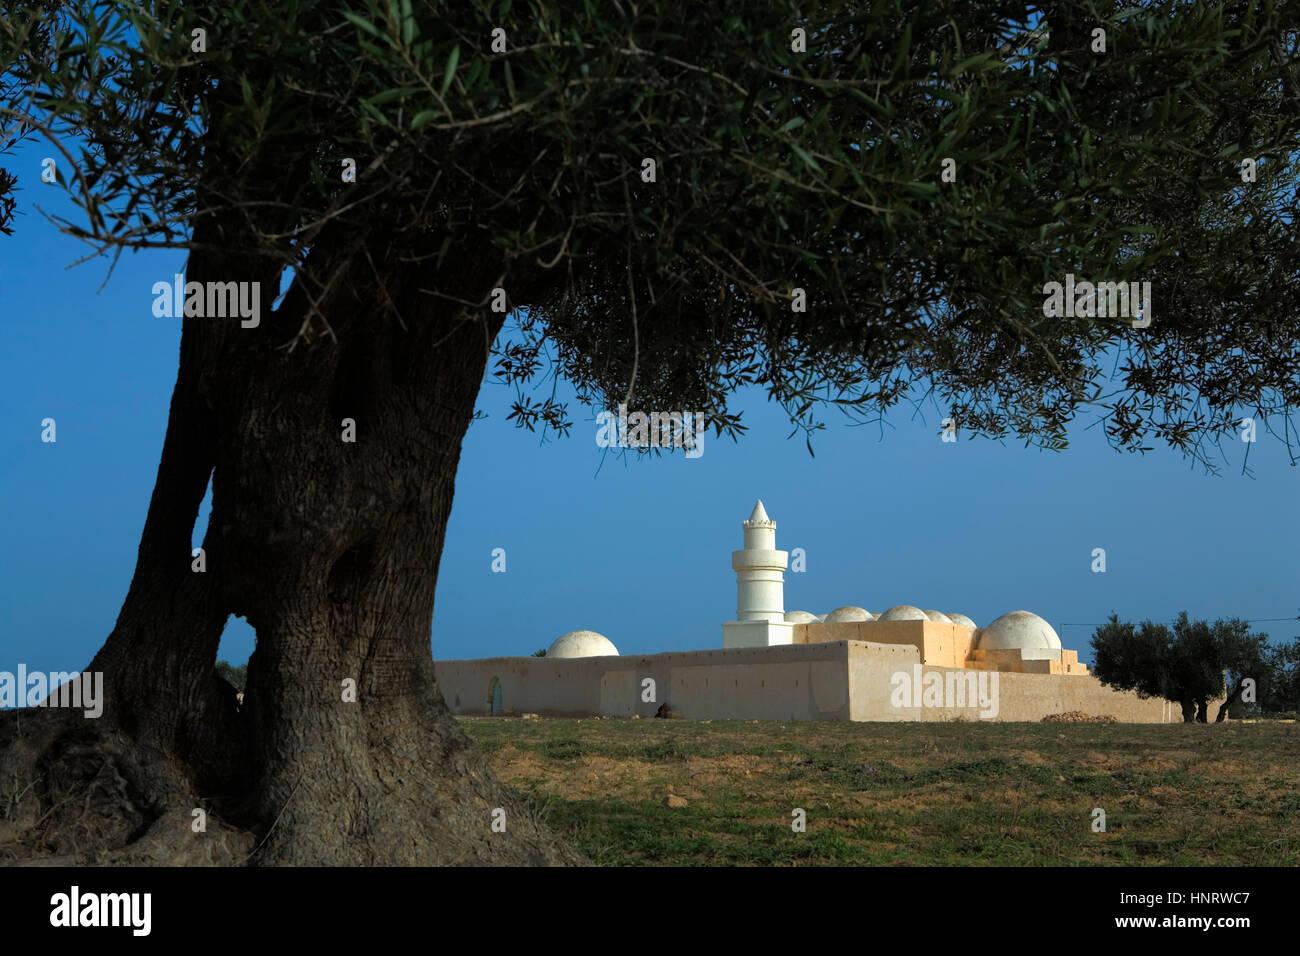 Tunisia.Djerba. Mosque, near Hara Kbira Stock Photo